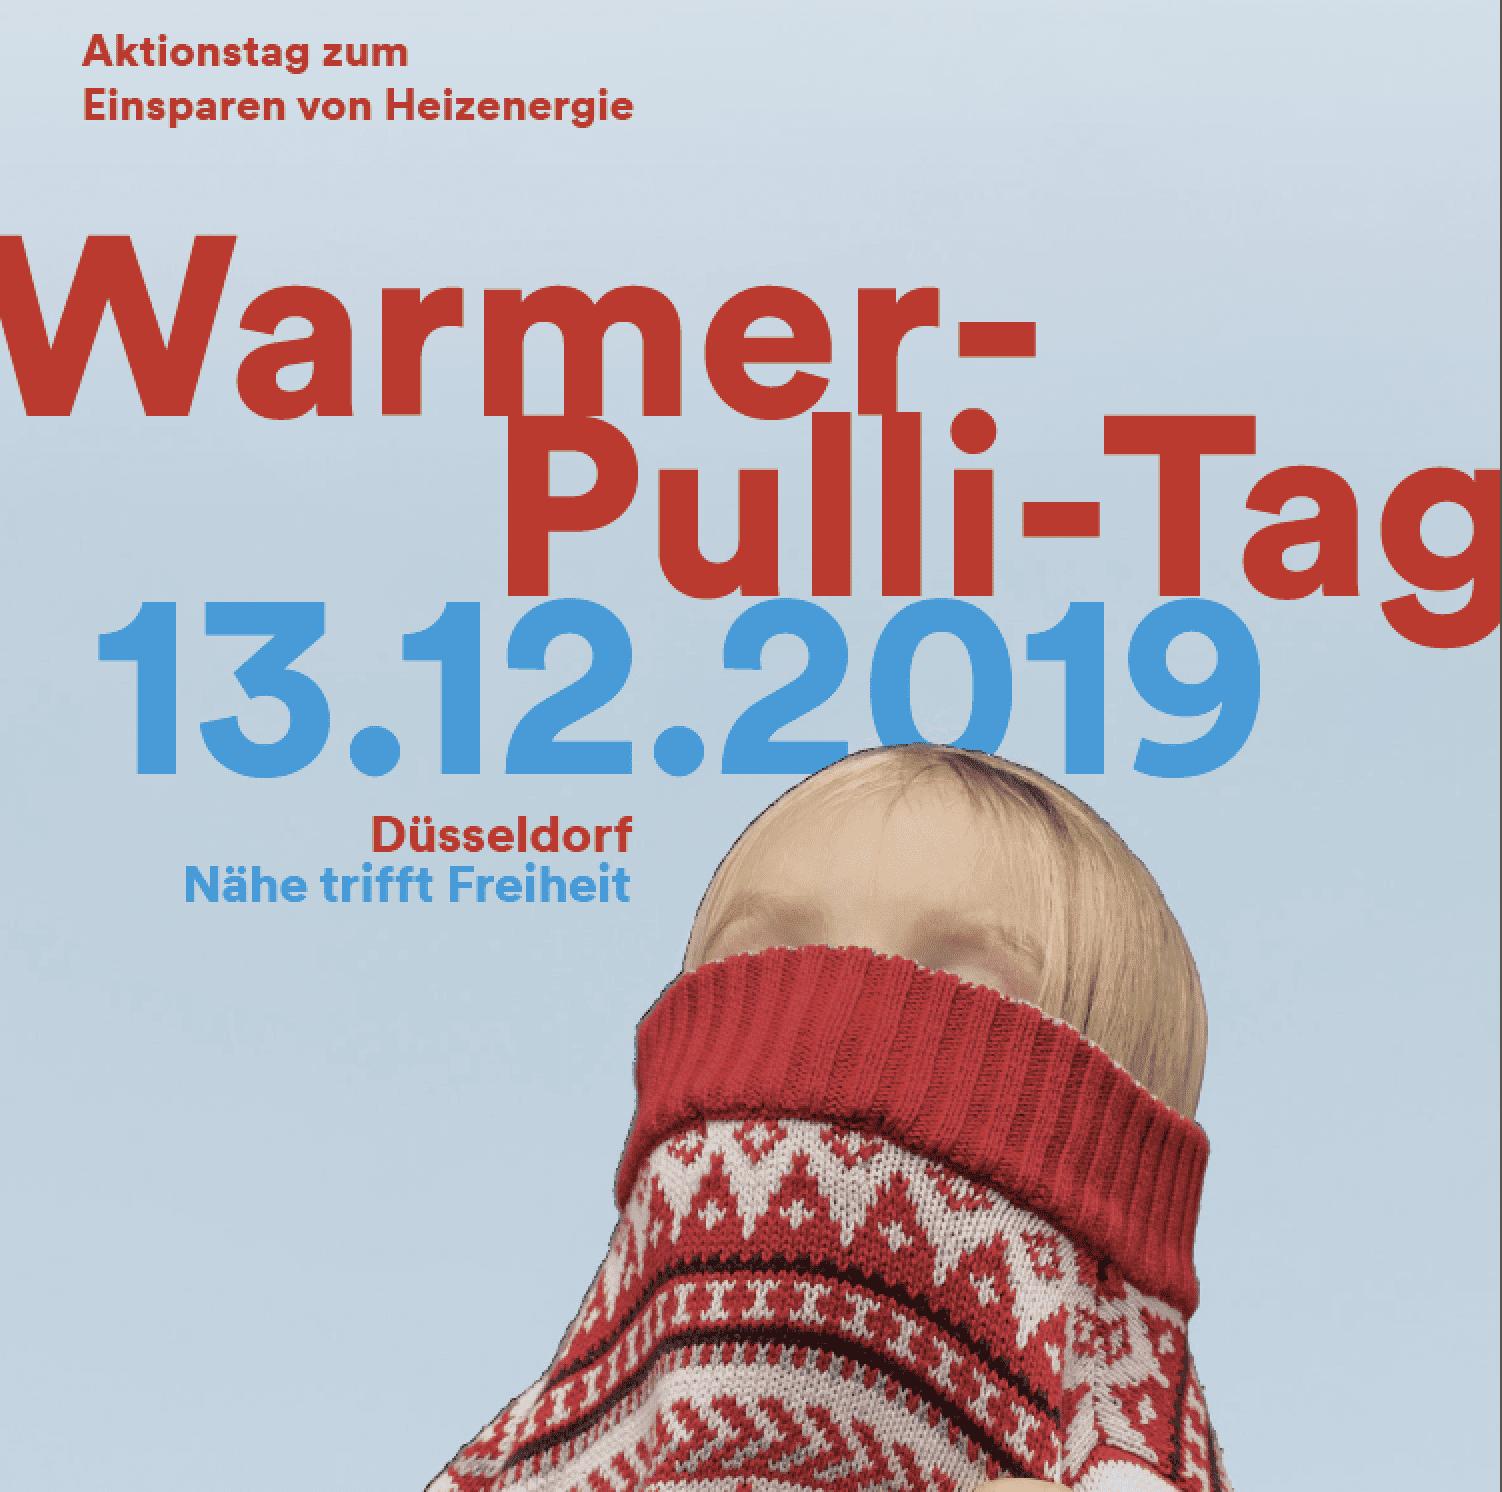 Warmer-Pulli-Tag